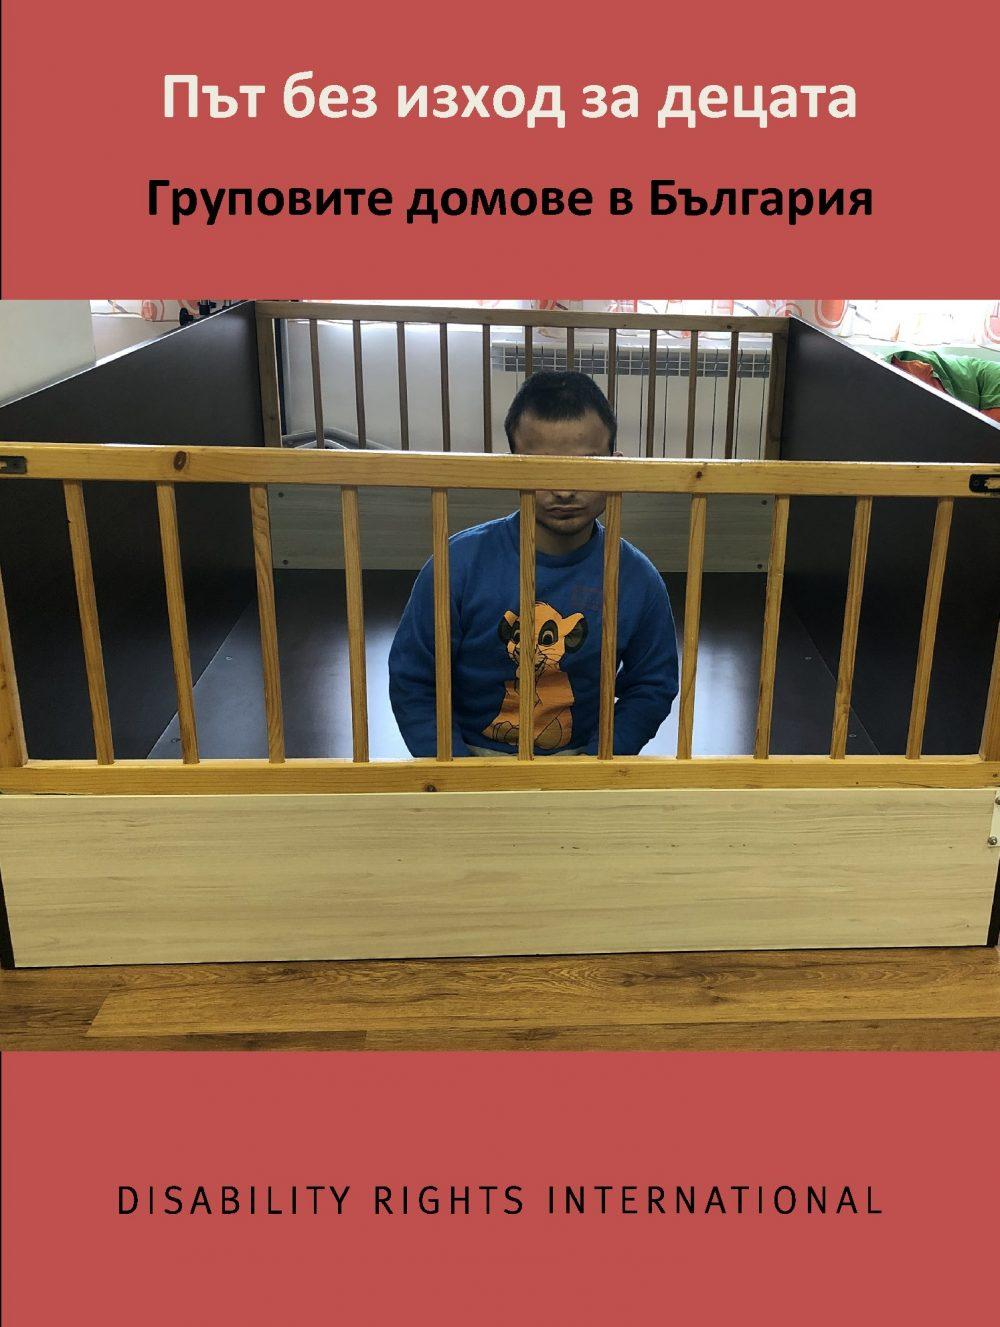 Момче в клетка в институция